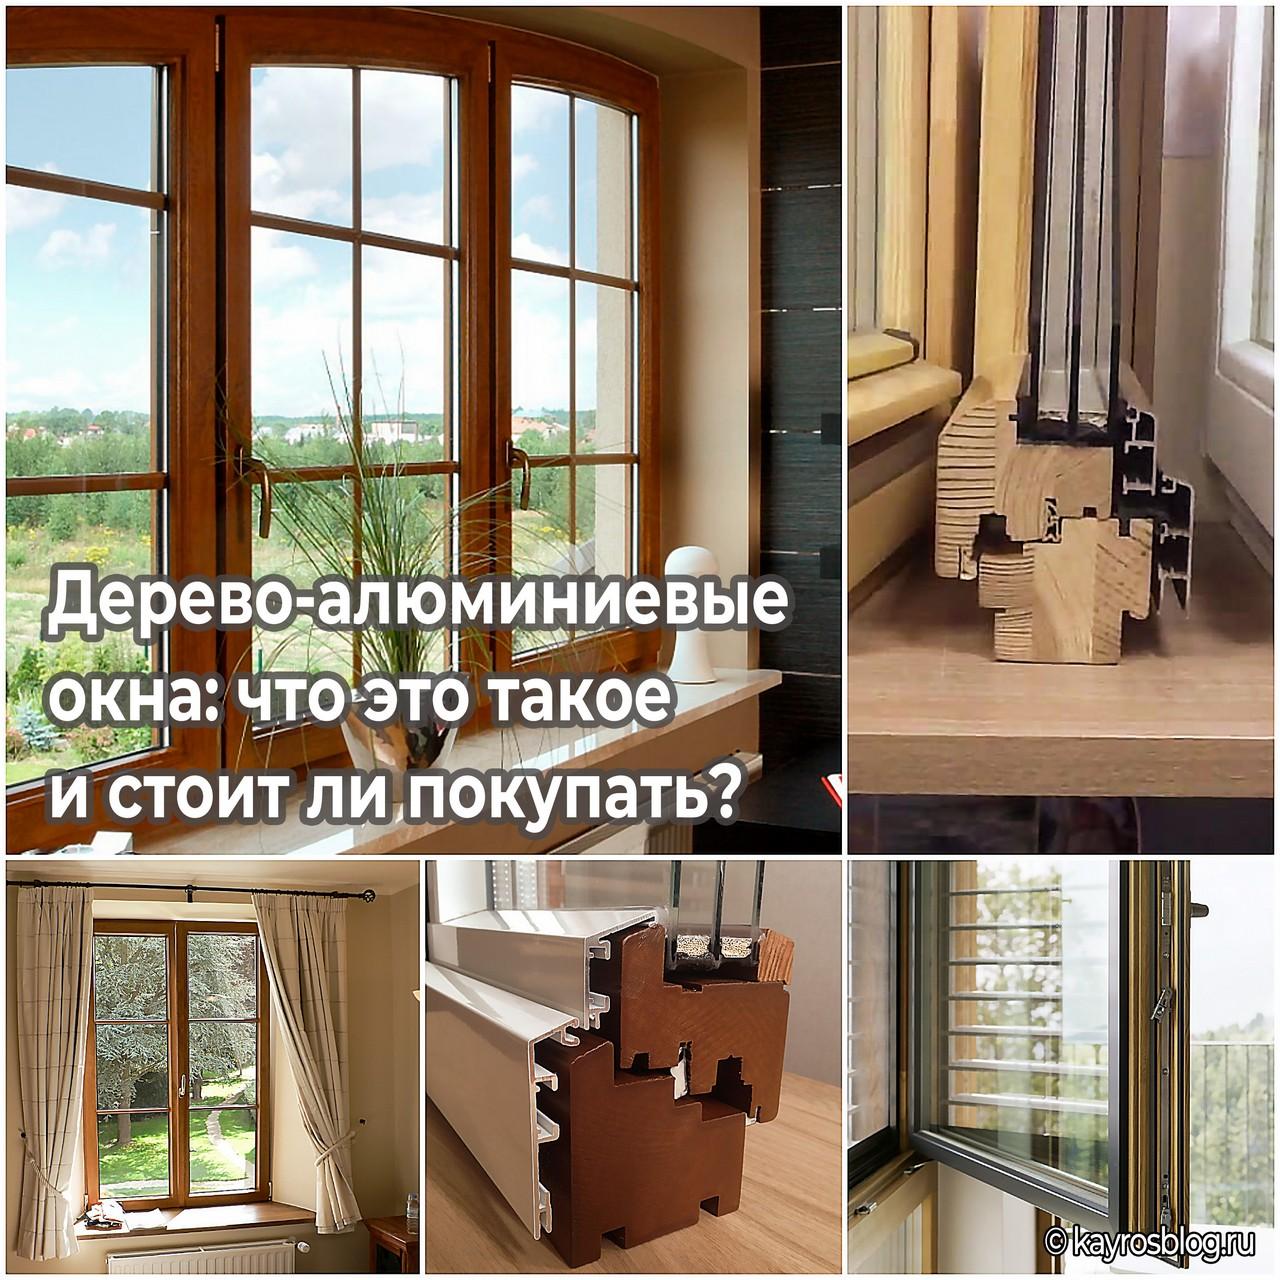 Дерево-алюминиевые окна: что это такое и стоит ли покупать?